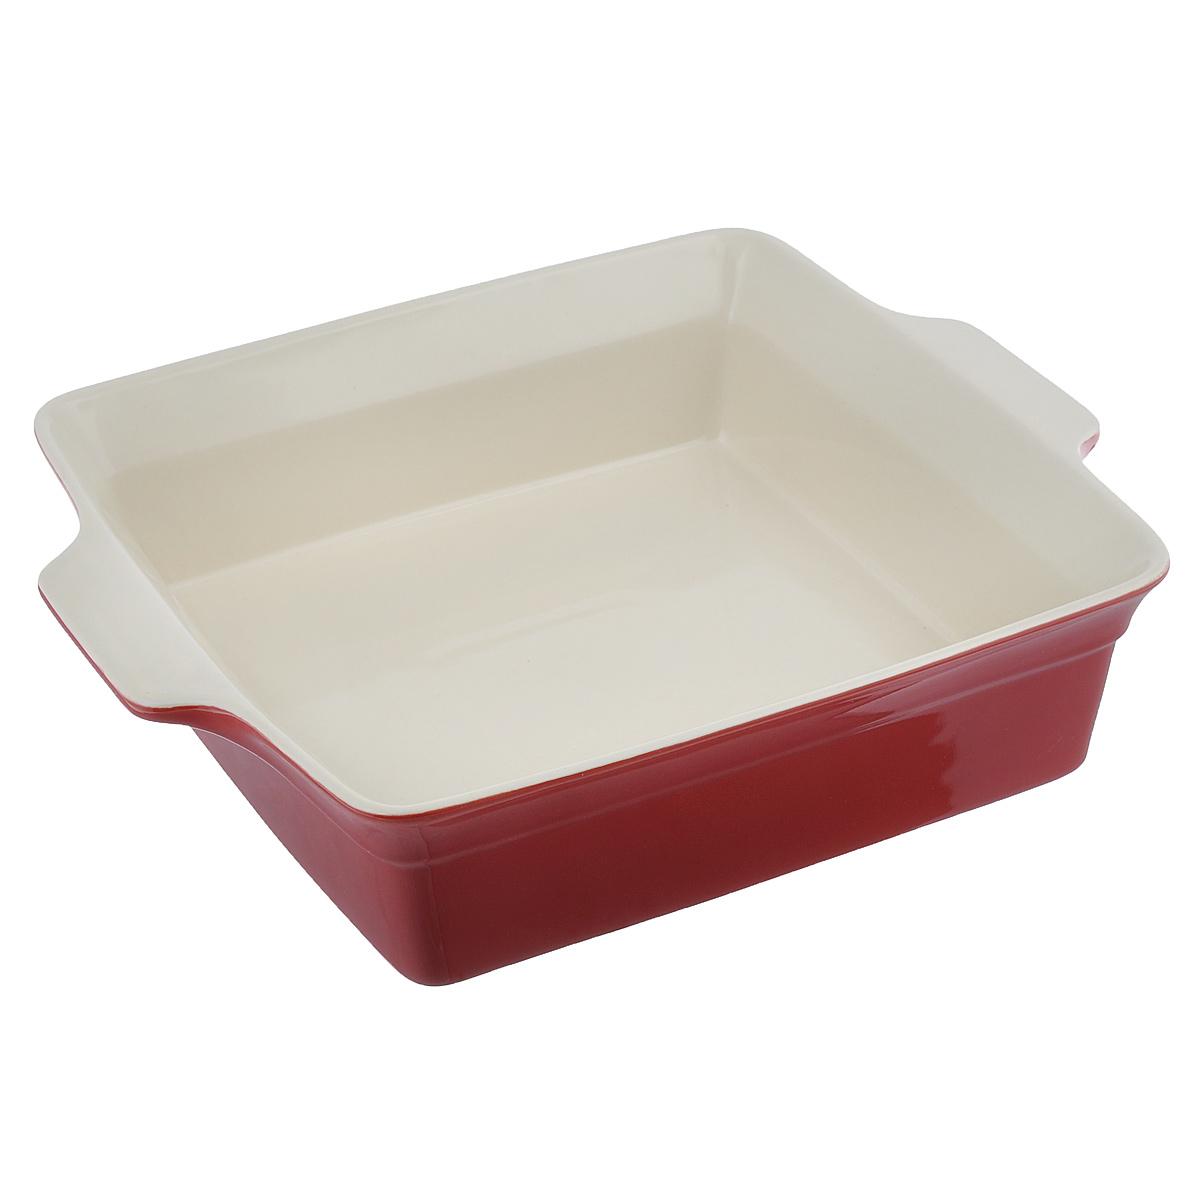 Блюдо для выпечки BergHOFF Geminis, 3,8 л1695143Квадратное блюдо для выпечки BergHOFF Geminis изготовлено из жаропрочной глазурованной керамики, что обеспечивает оптимальное распределение тепла. Оно может быть использовано как для запекания различных блюд, так и подачи их на стол.Блюдо станет отличным дополнением к вашему кухонному инвентарю, а также украсит сервировку стола и подчеркнет ваш прекрасный вкус.Подходит для использования в СВЧ и духовом шкафу. Можно мыть в посудомоечной машине. Внутренний размер: 28 см х 28 см.Размер (с учетом ручек): 34 см х 28 см.Высота стенки: 8 см.